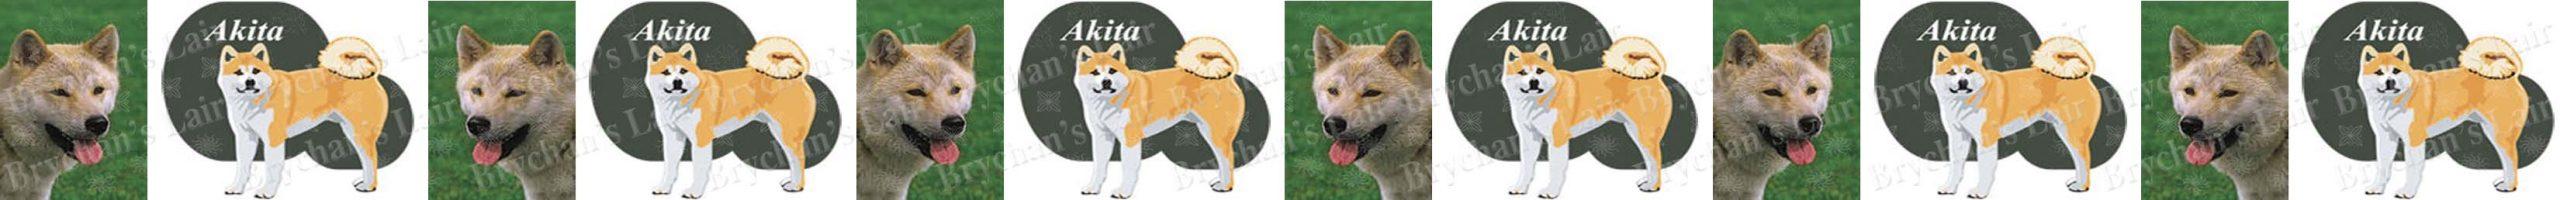 Akita Dog Breed Custom Printed Grosgrain Ribbon